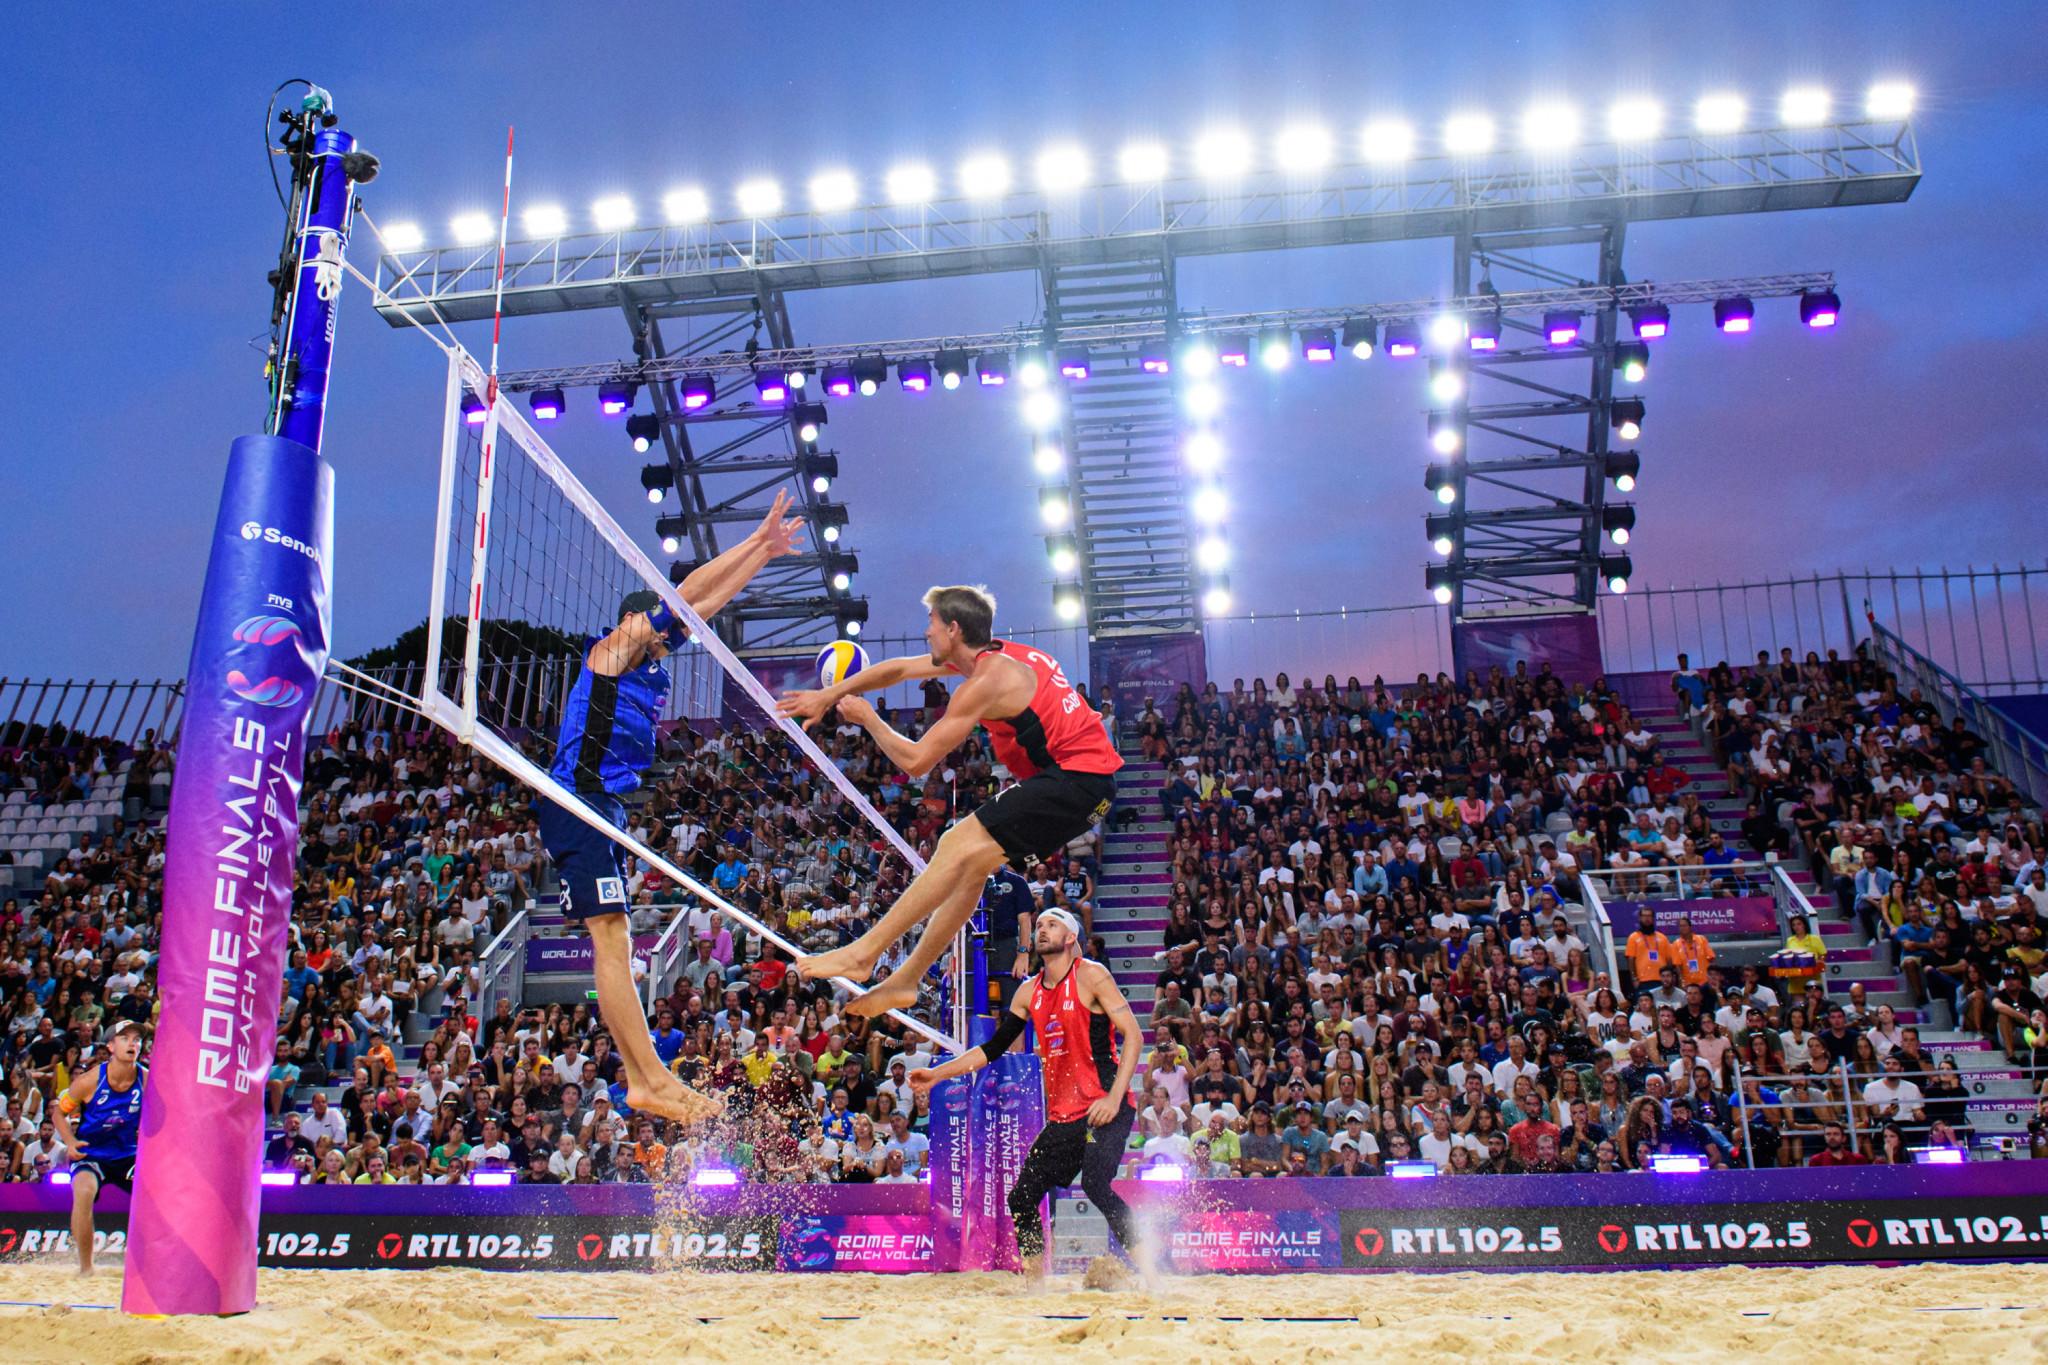 A nova Iniciativa Mundial de Voleibol foi projetada para aprimorar a experiência dos eventos da FIVB, como as Finais do Tour Mundial, e para expandir o crescimento global do esporte © FIVB